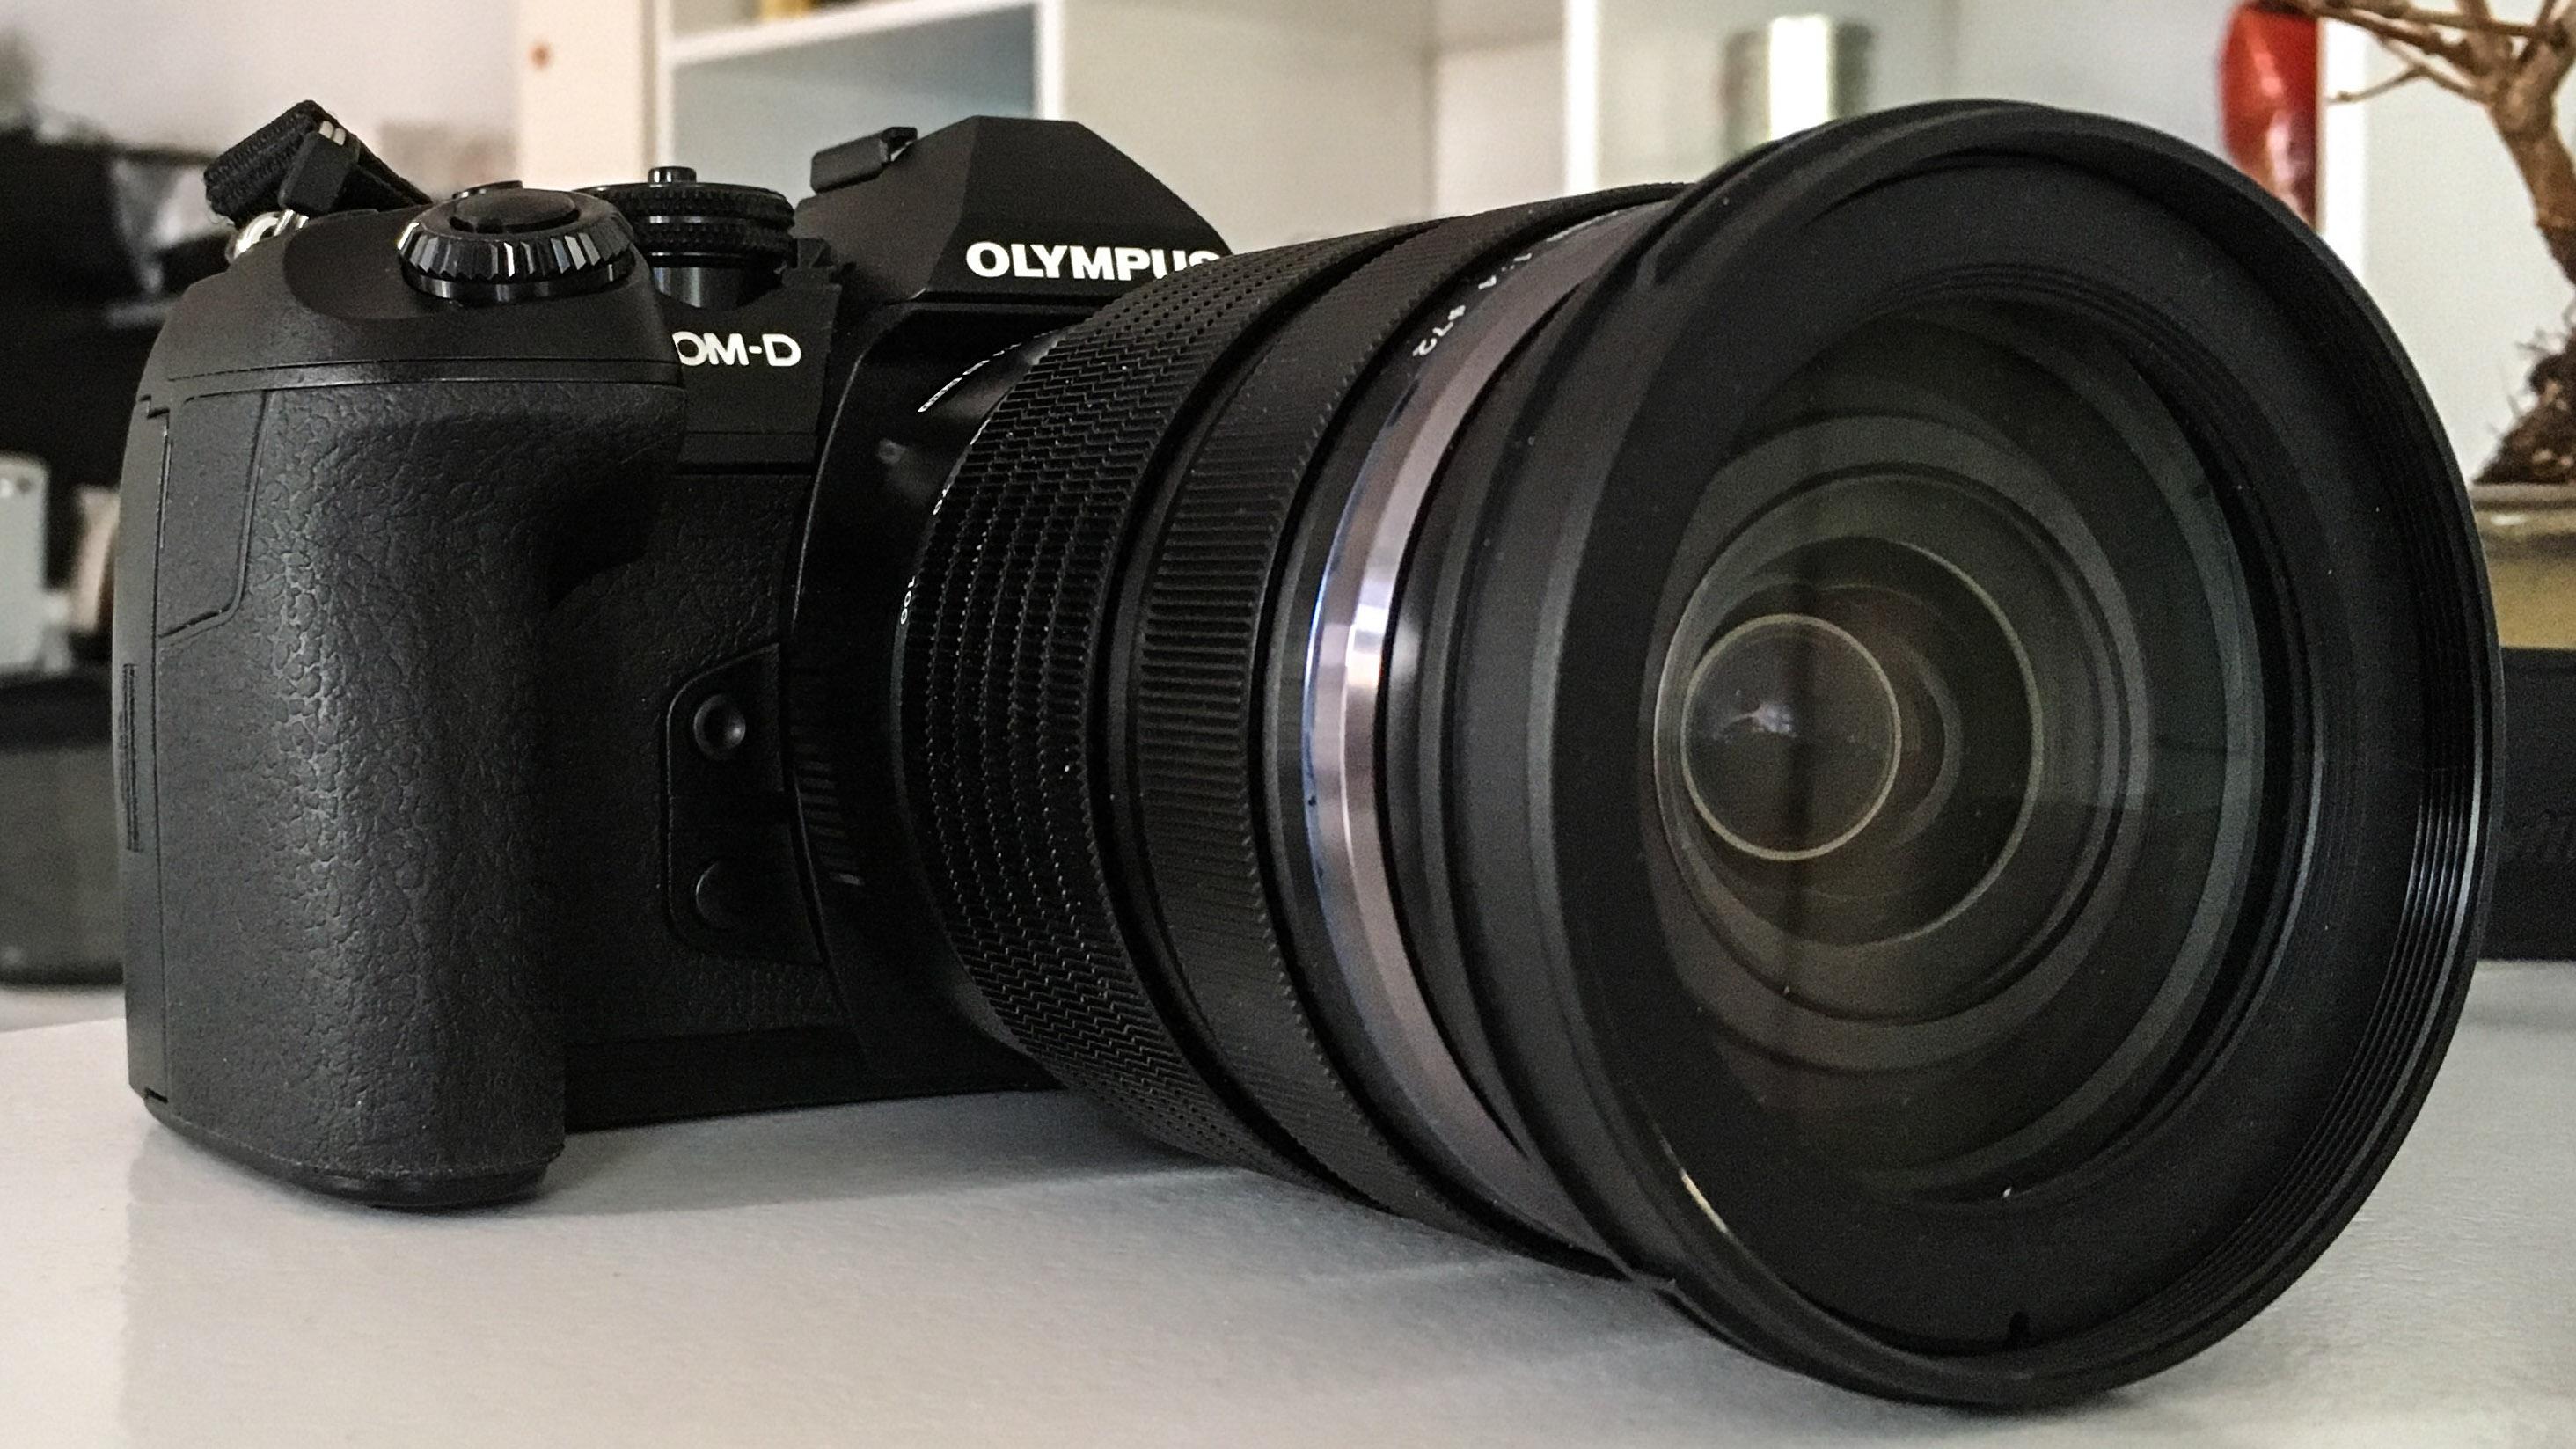 Actualización de firmware 3.0 para Olympus OM-D E-M1 Mark II ofrece perfil de imagen plana y más